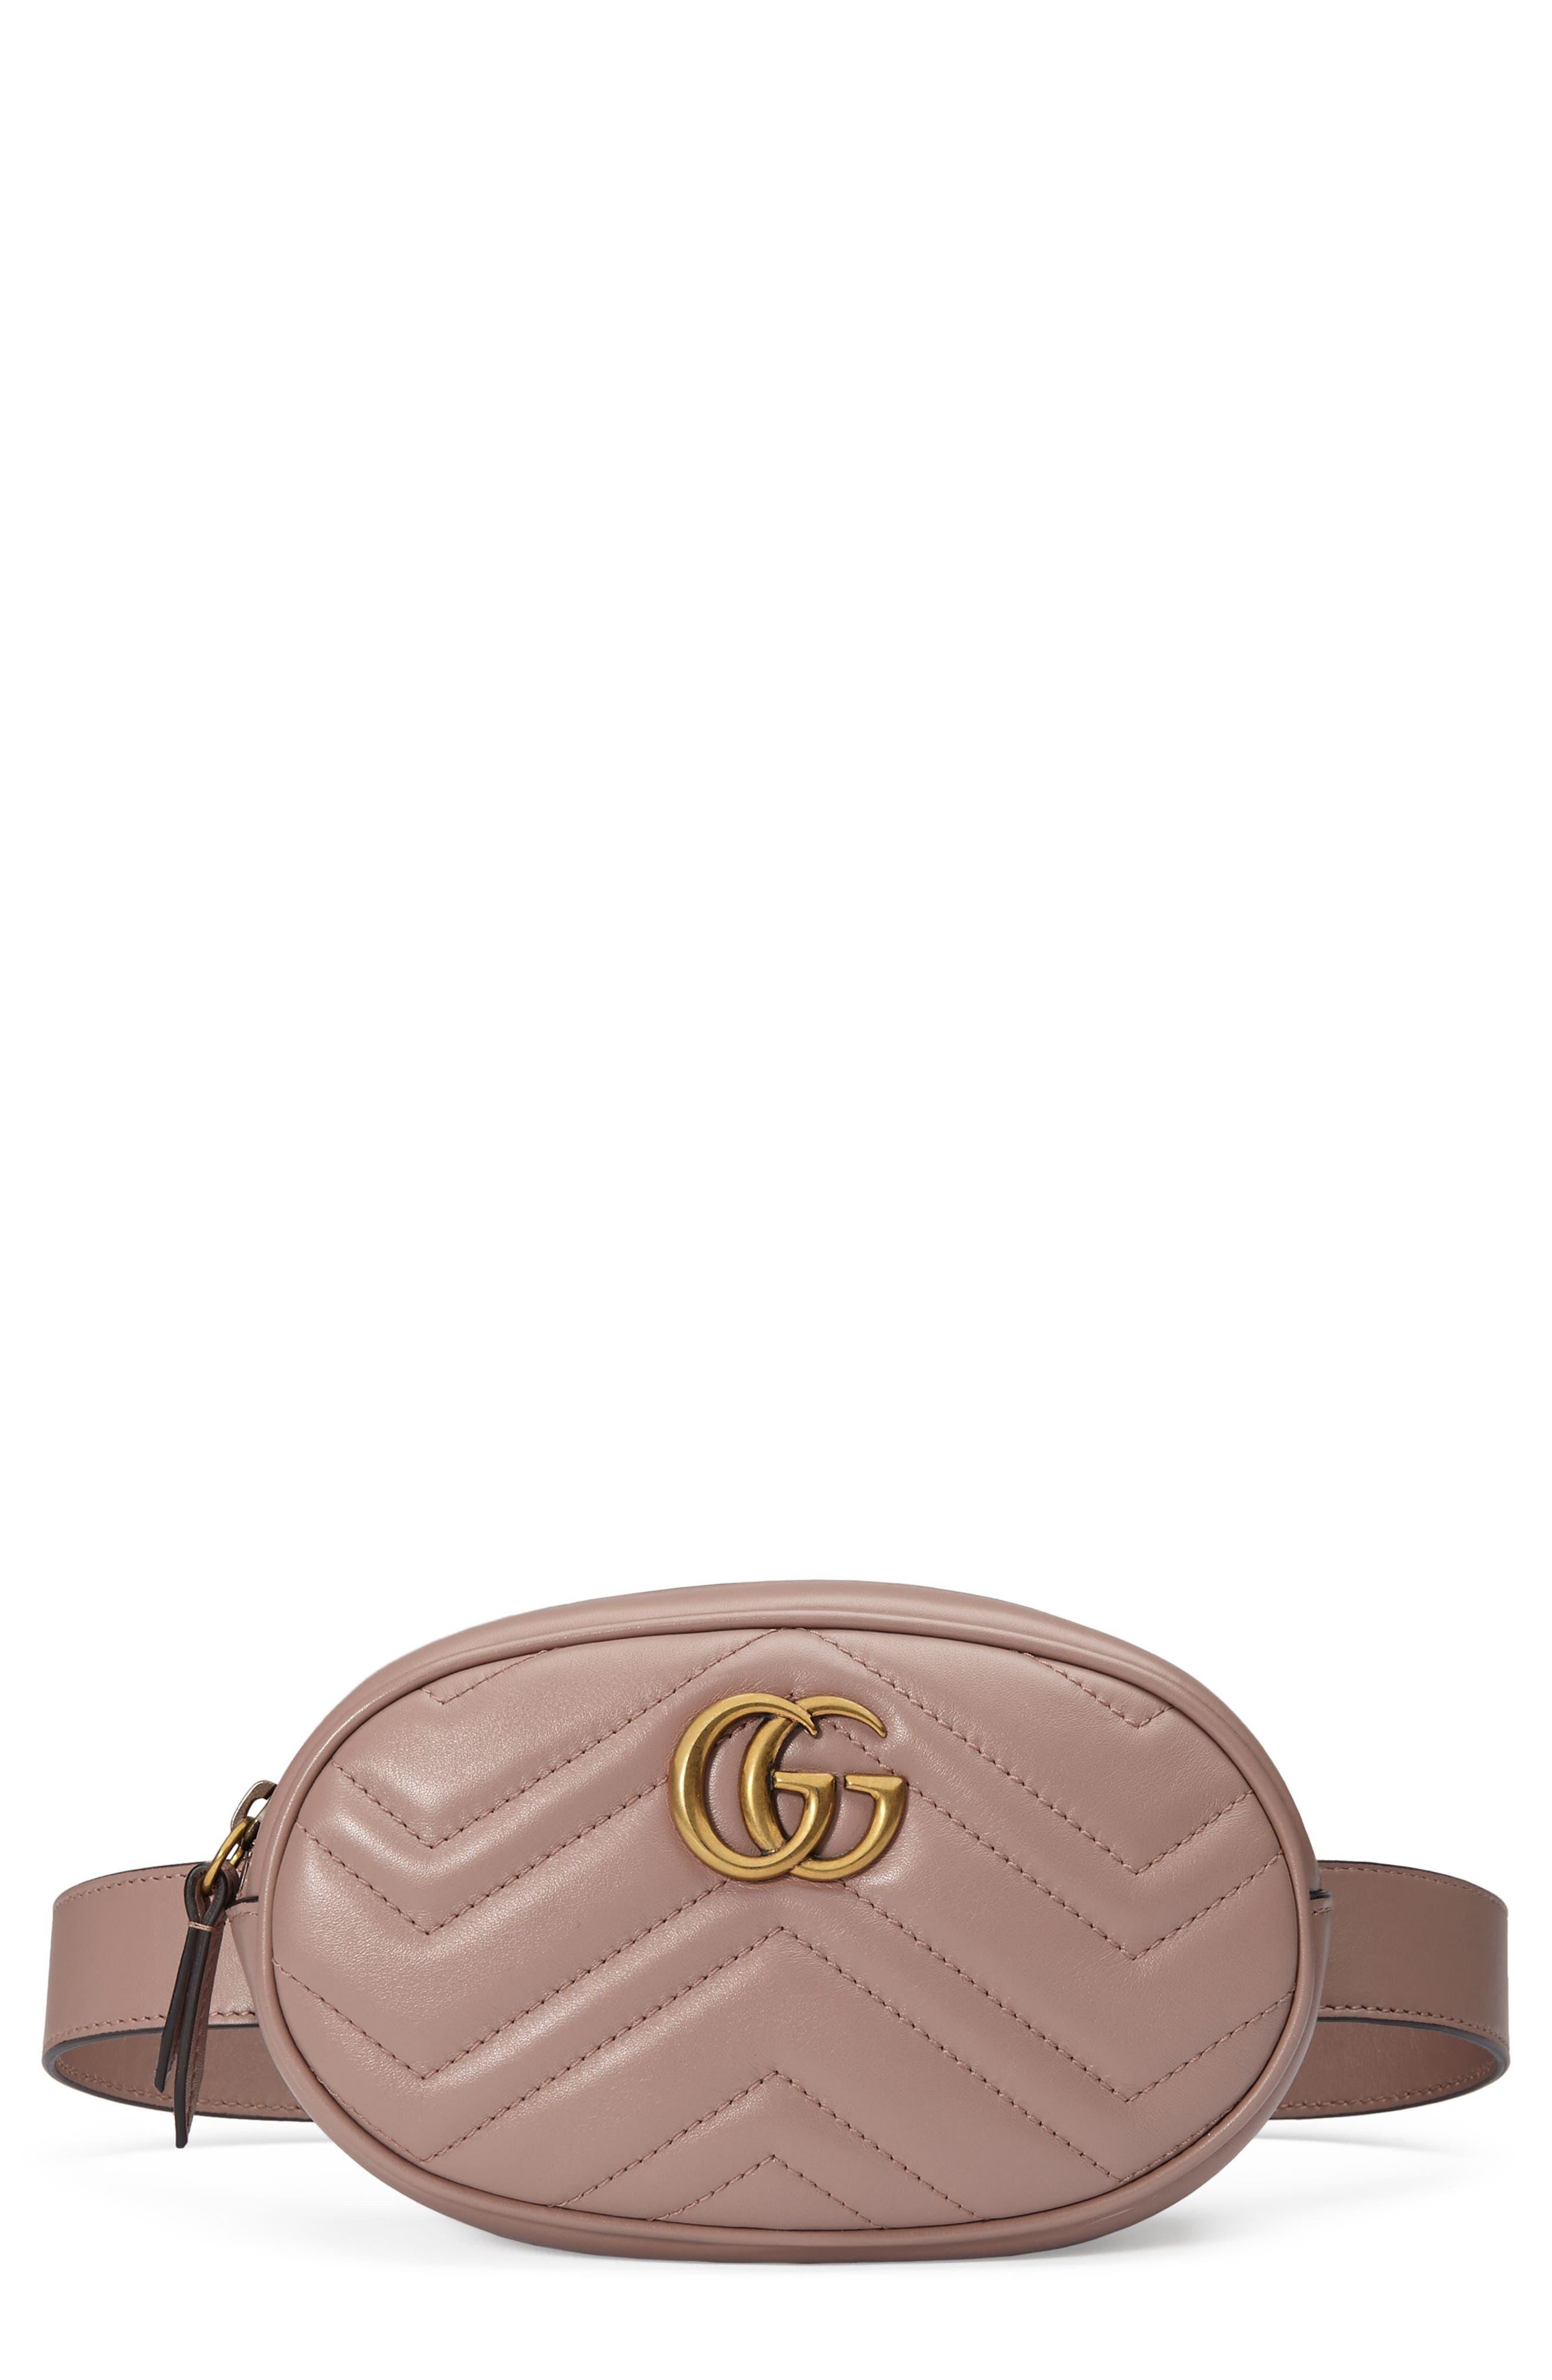 Gucci Belt Bags \u0026 Fanny Packs